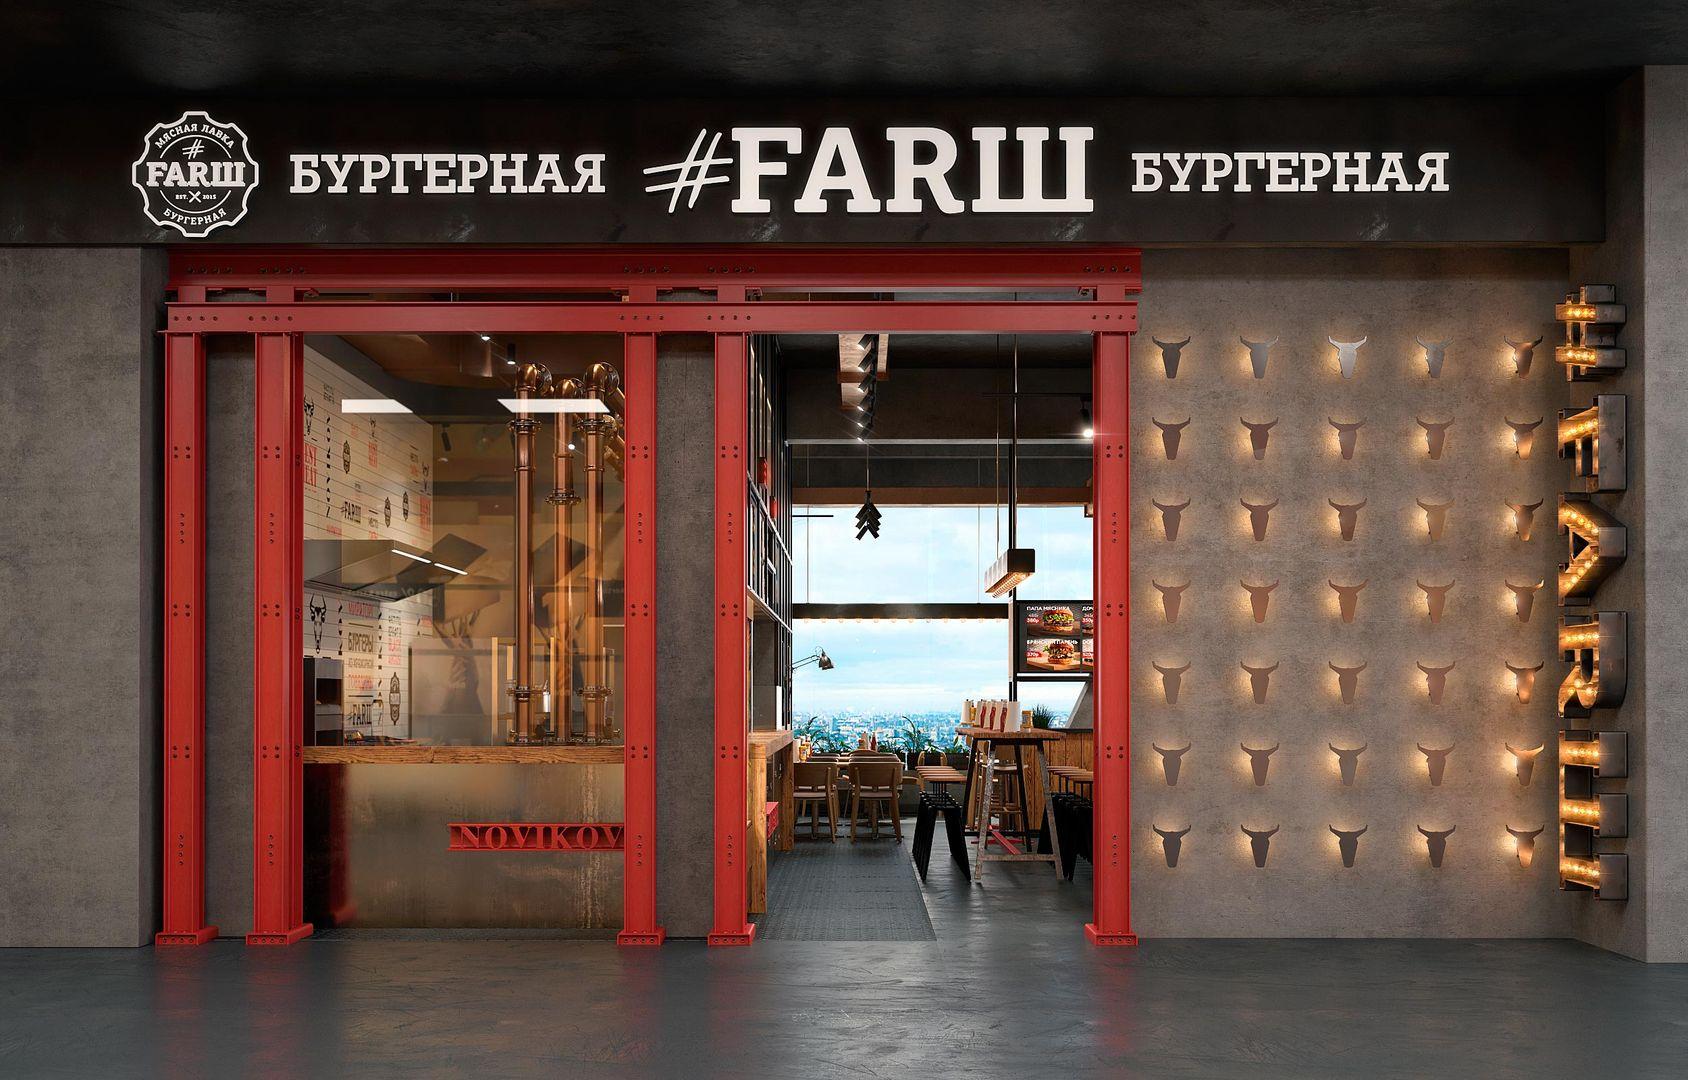 Бургерная #Farш